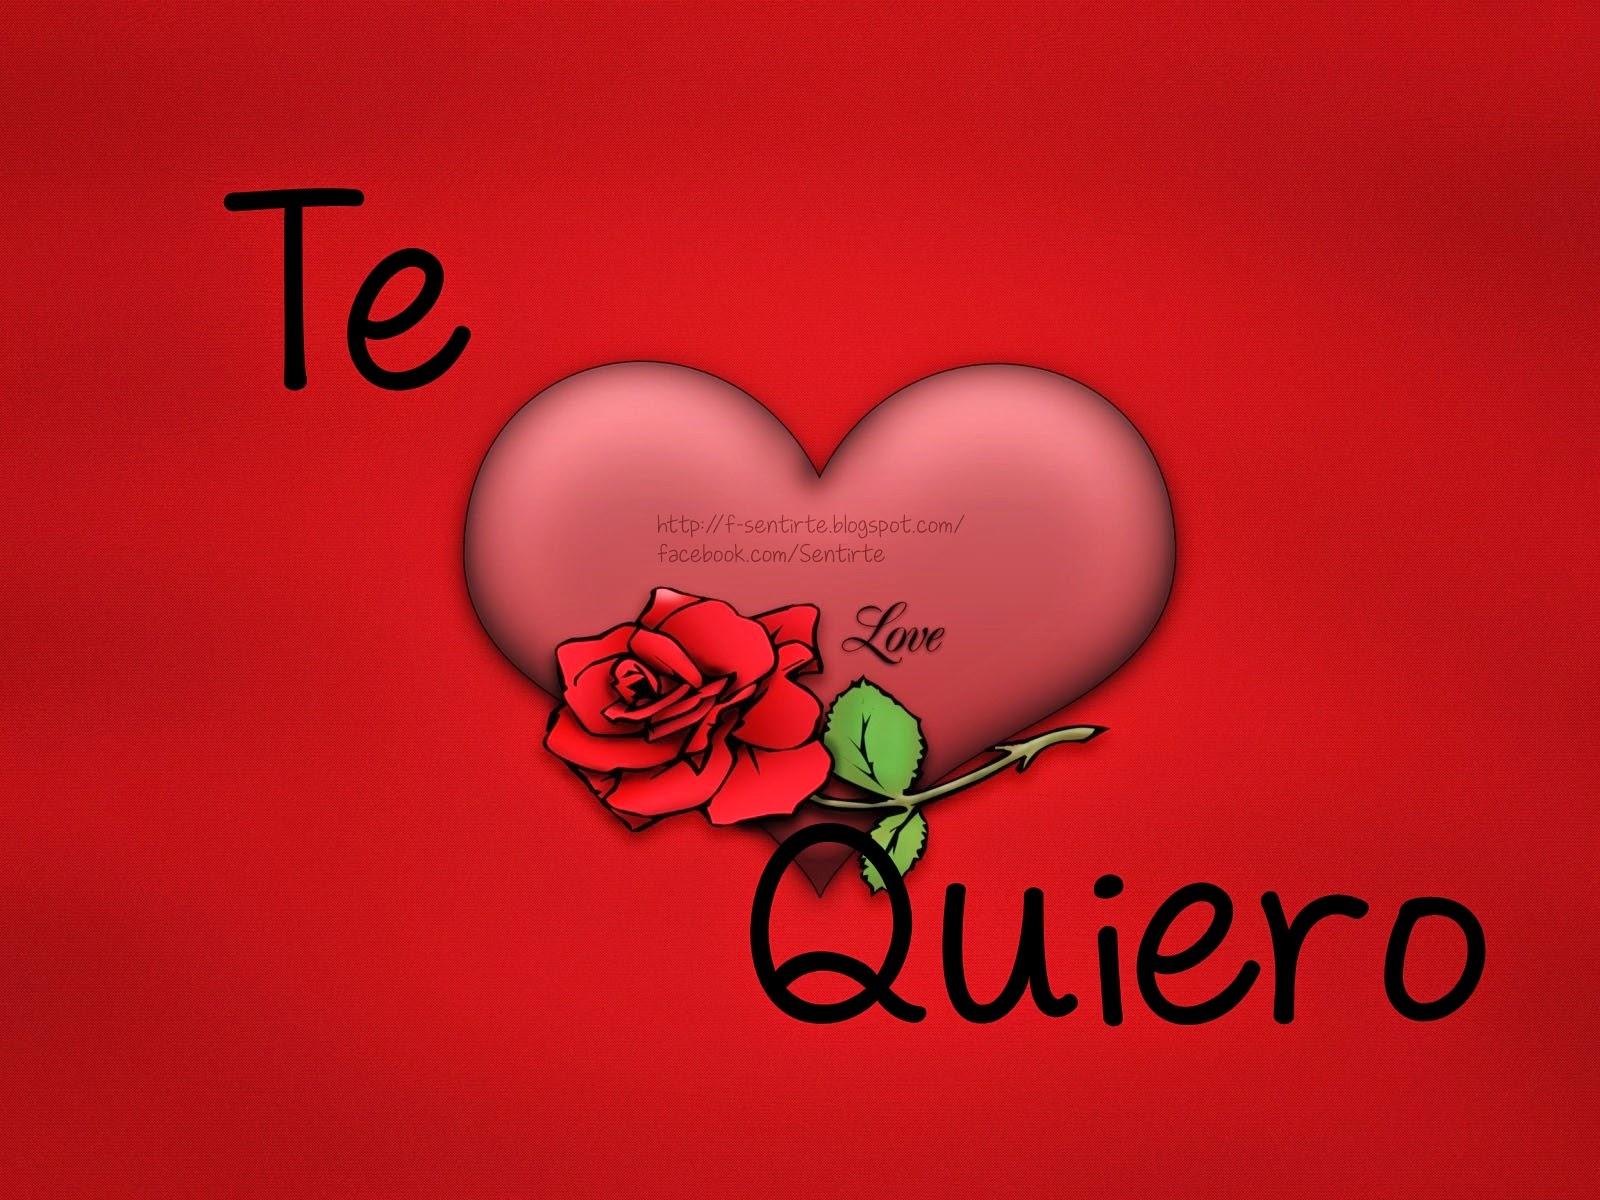 Tarjetas Hermosas De Amor - Postales hermosas para facebook Imagenes Bonitas para